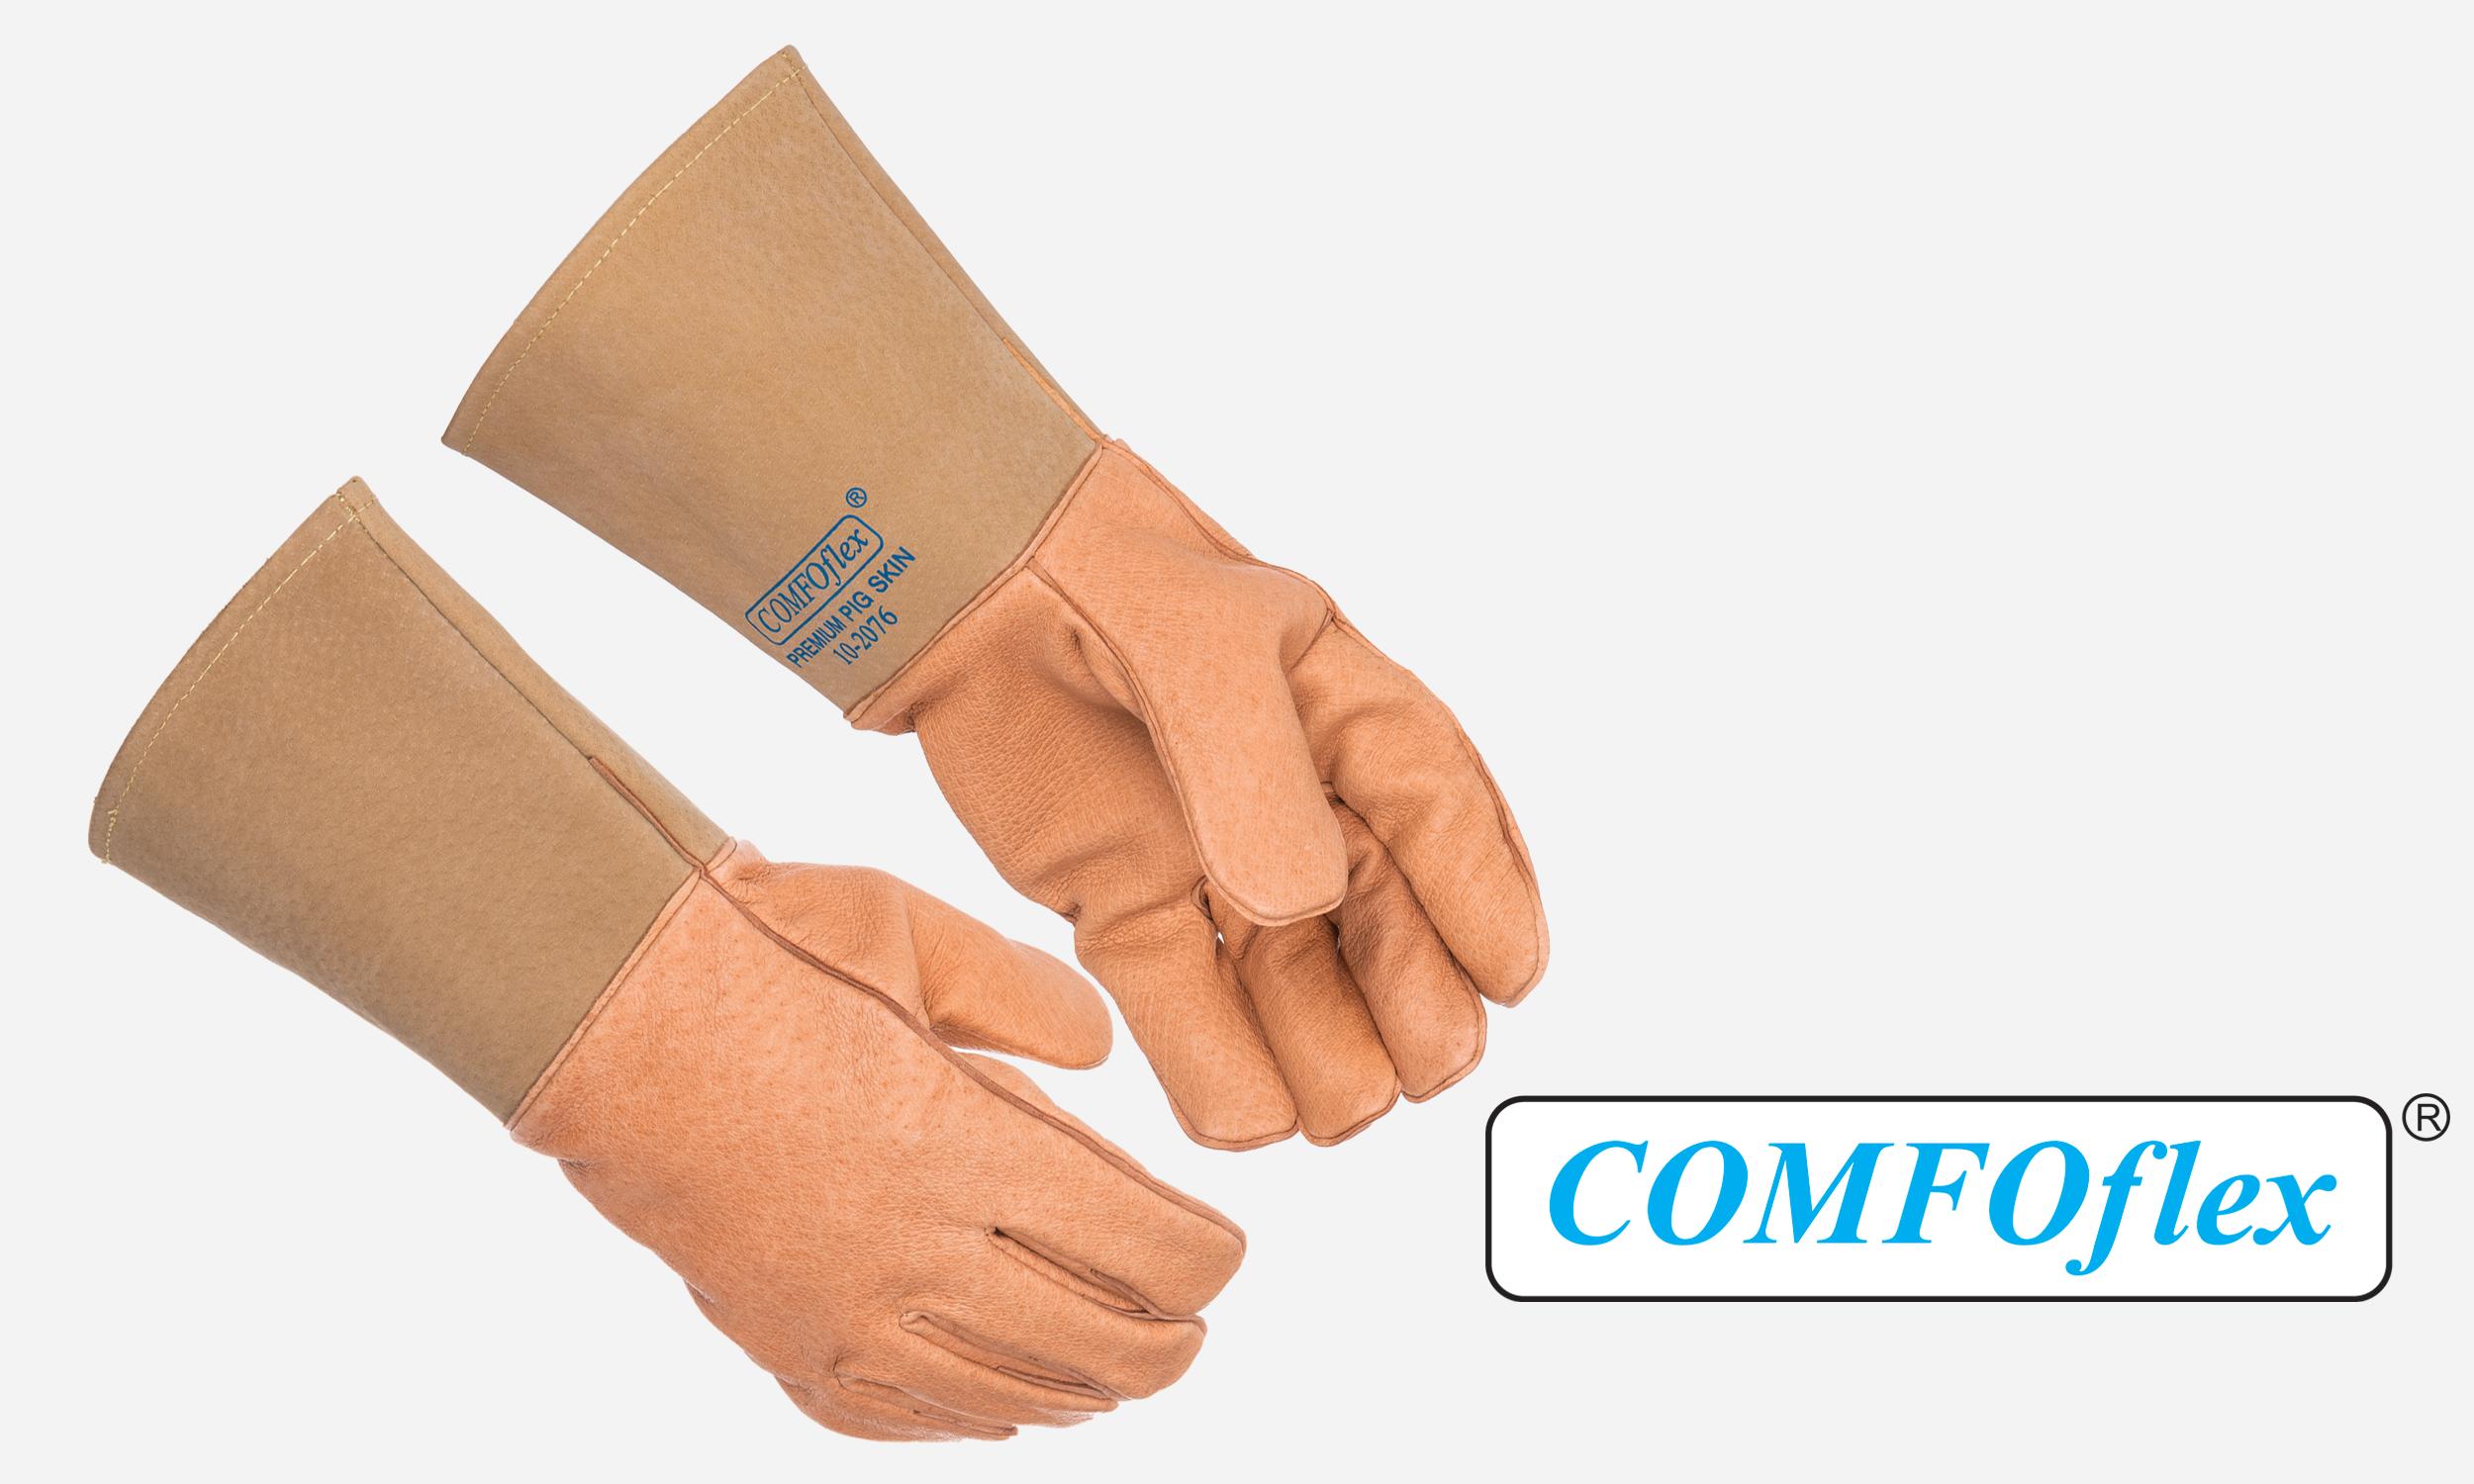 10-2076 full COMFOflex.png